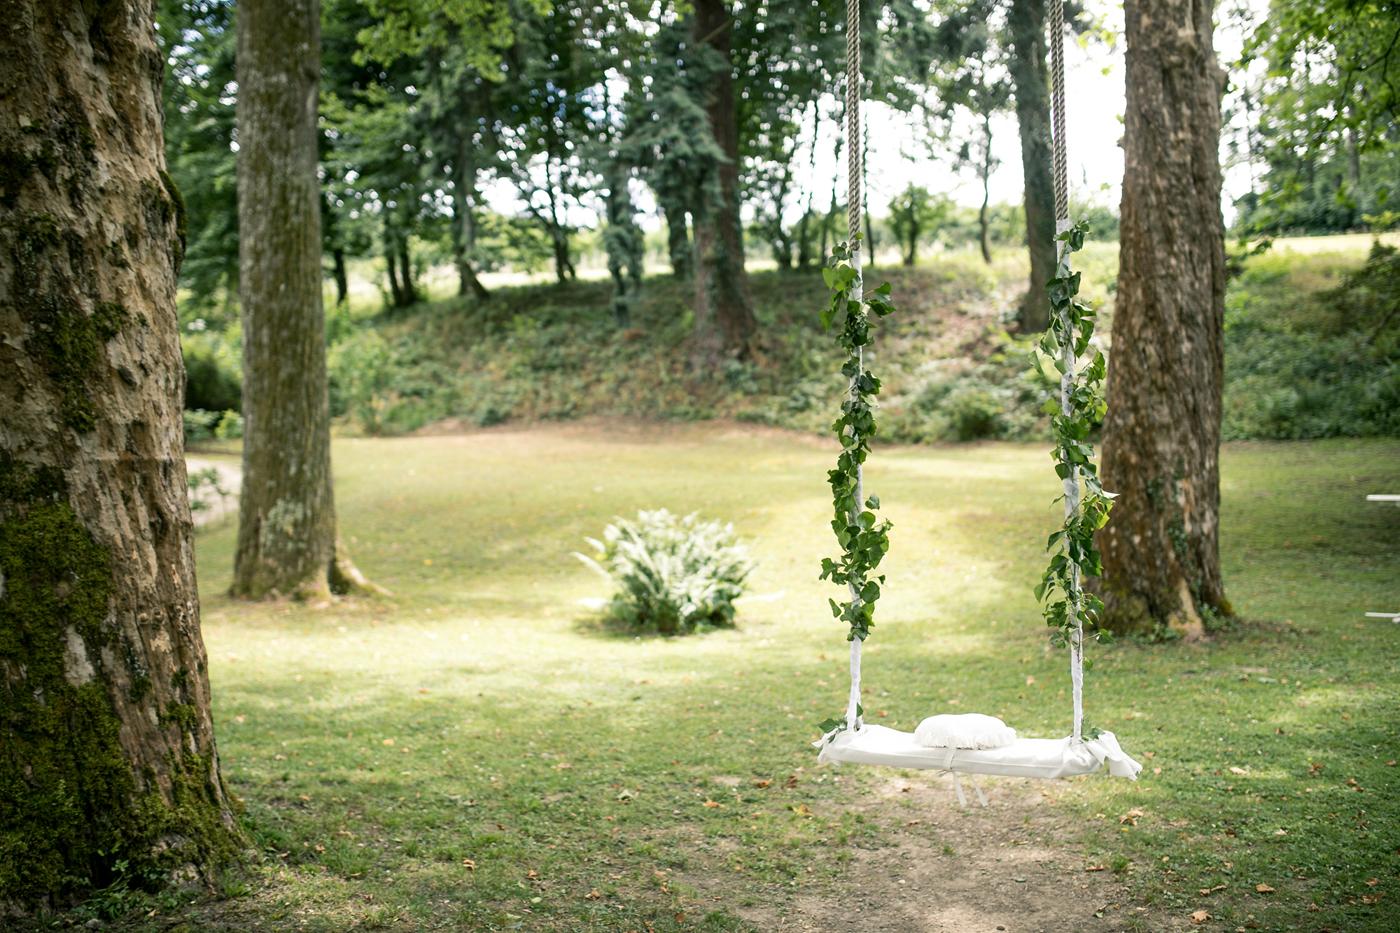 Traumhafte Kulisse für Hochzeitsfotos - Schloss Ernegg - © Constatin Witt-Dörring